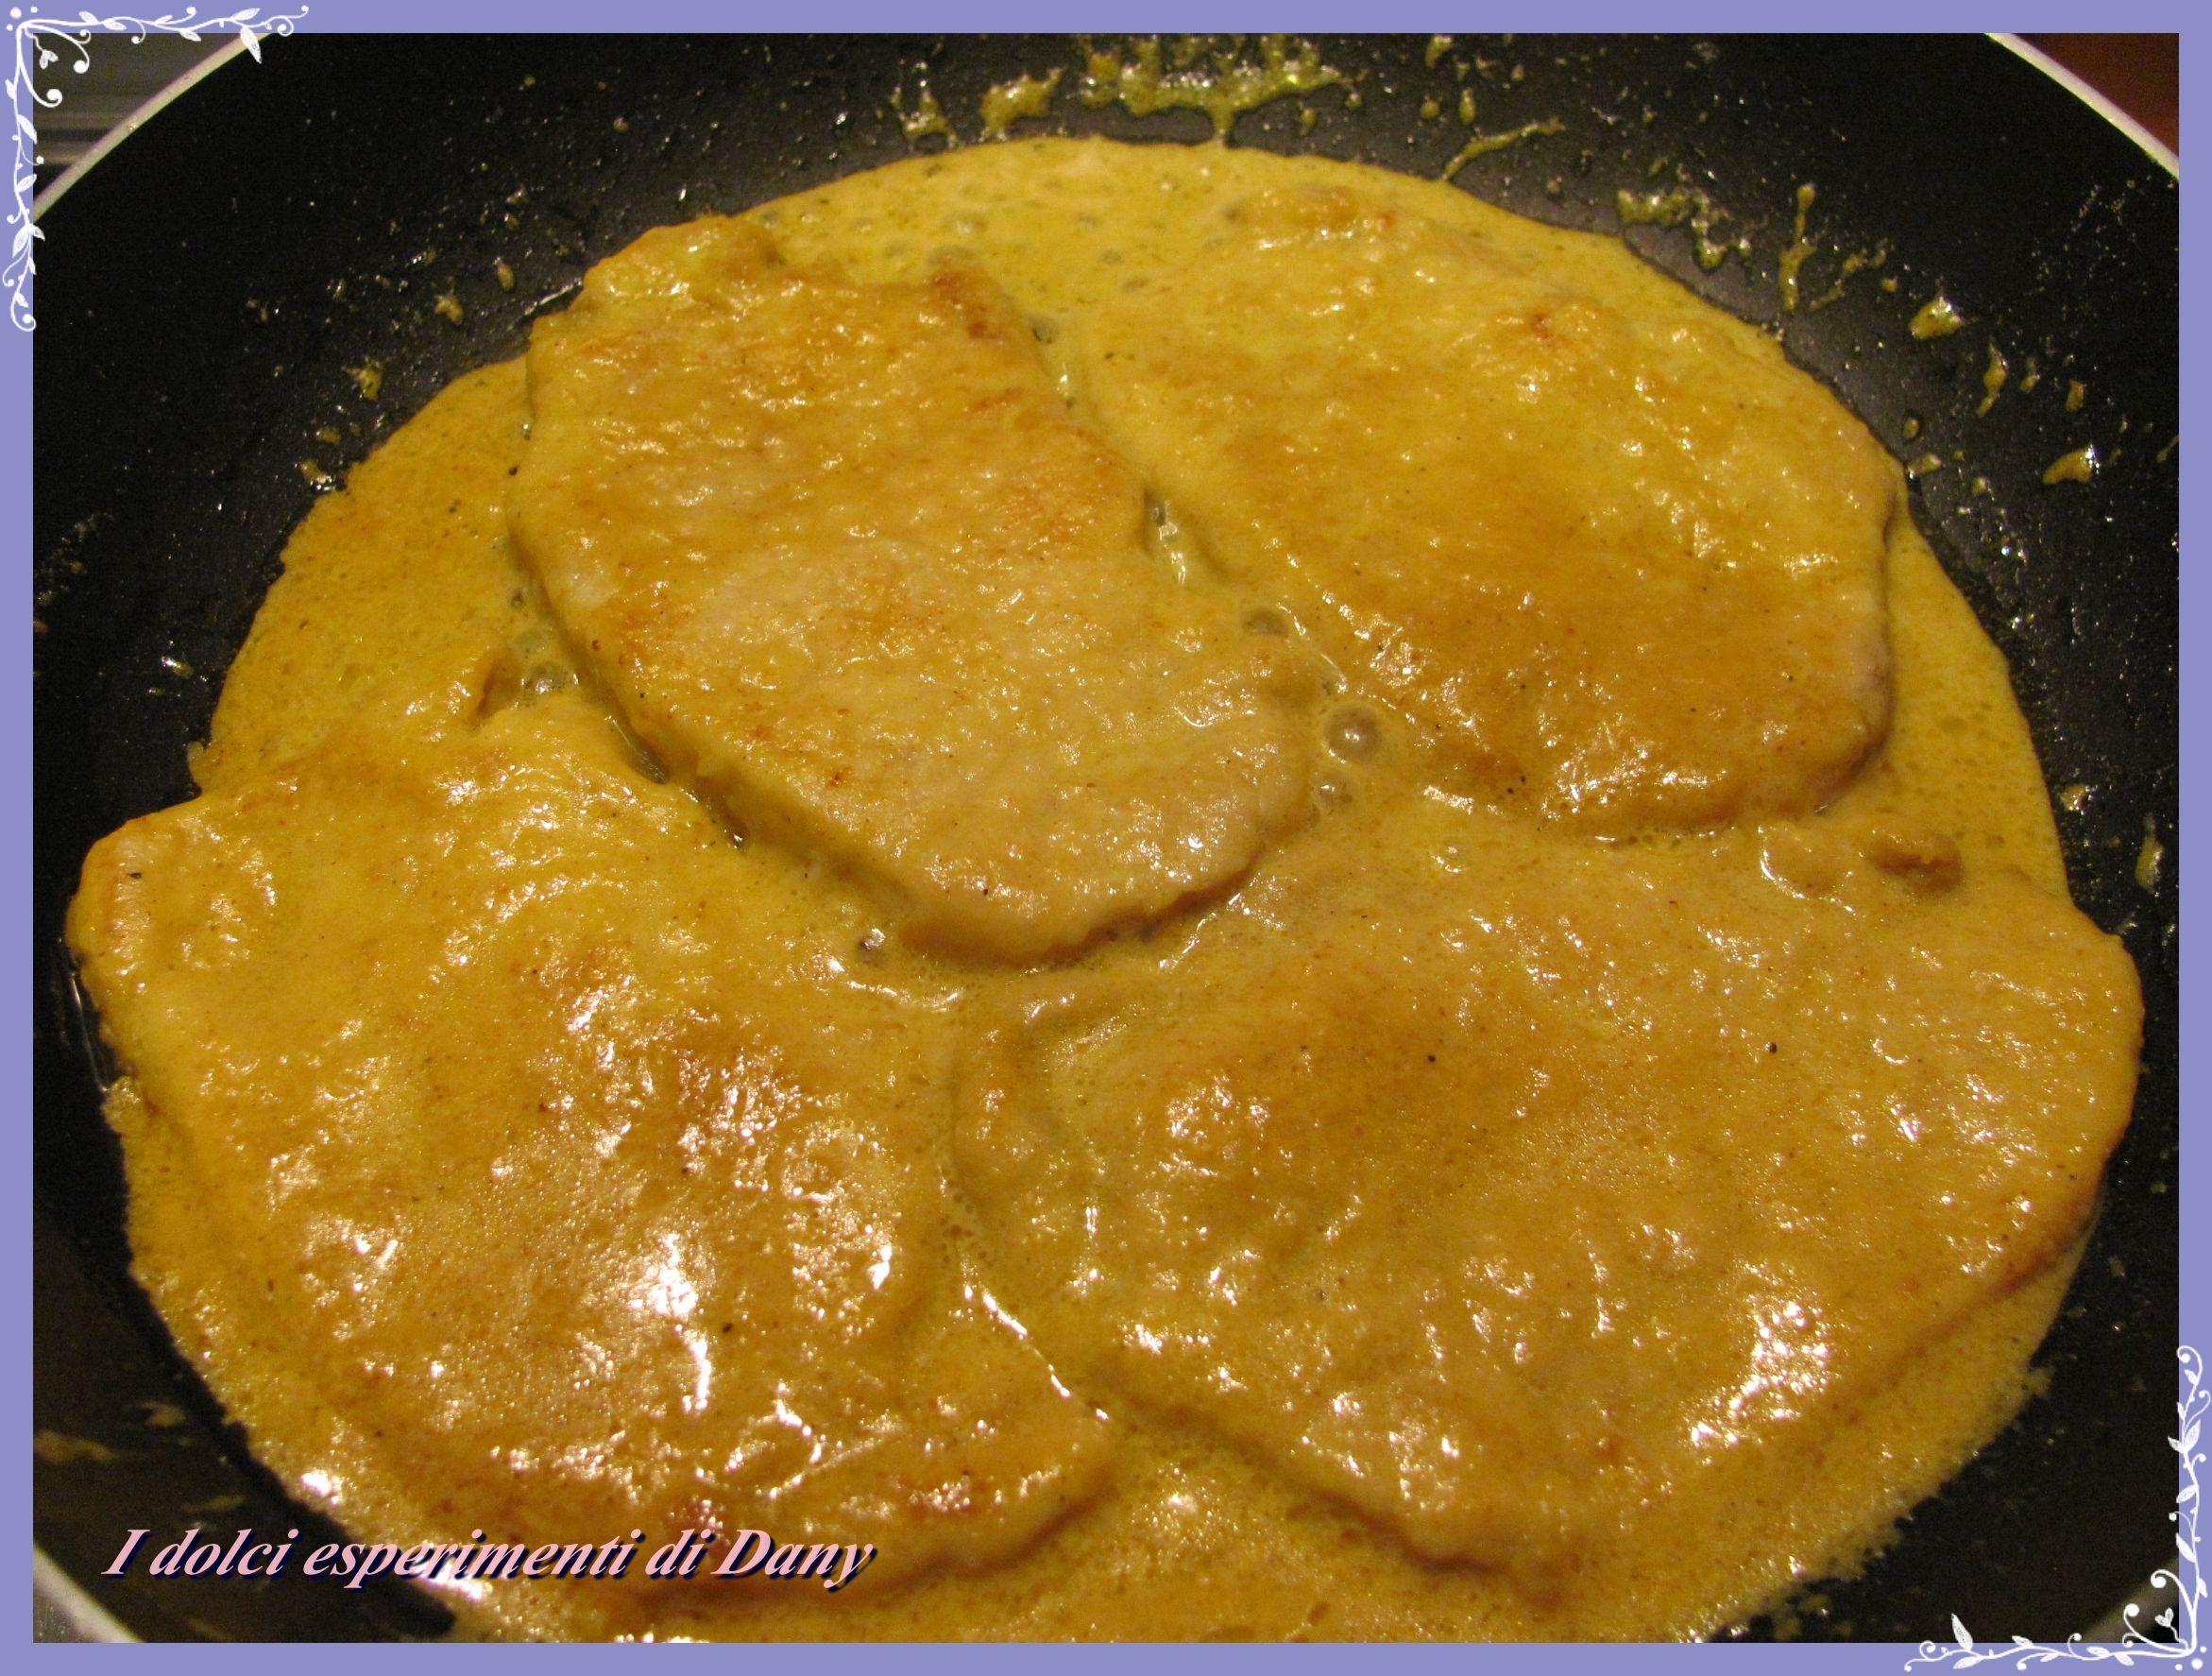 Fettine Di Lonza Al Curry I Dolci Esperimenti Di Dany Ricette Curry Cibo Squisito